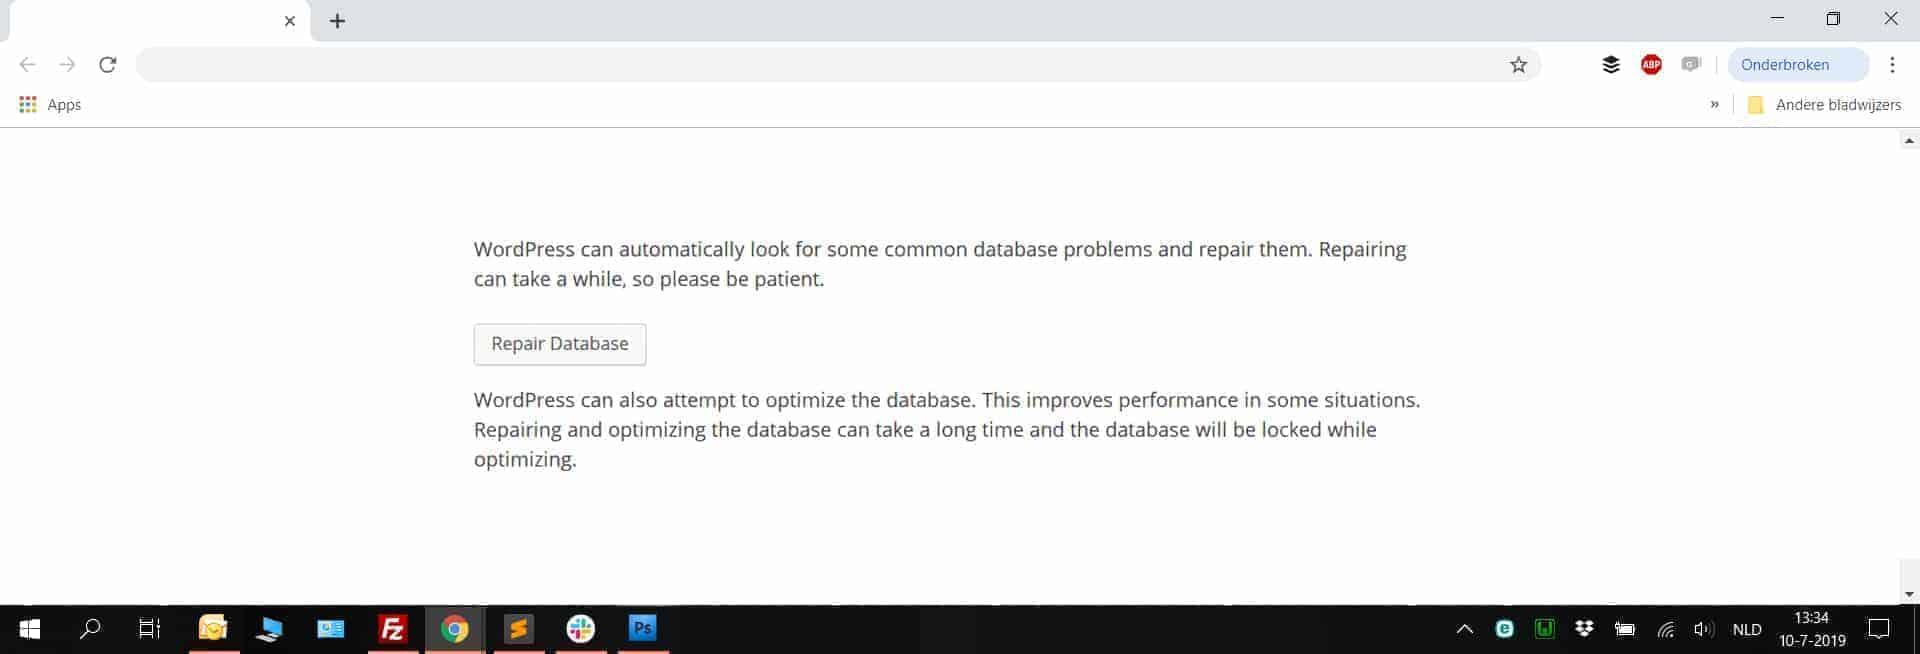 Afbeelding van de WordPress 'Repair Database' Functie zoals deze op het beeldscherm verschijnt